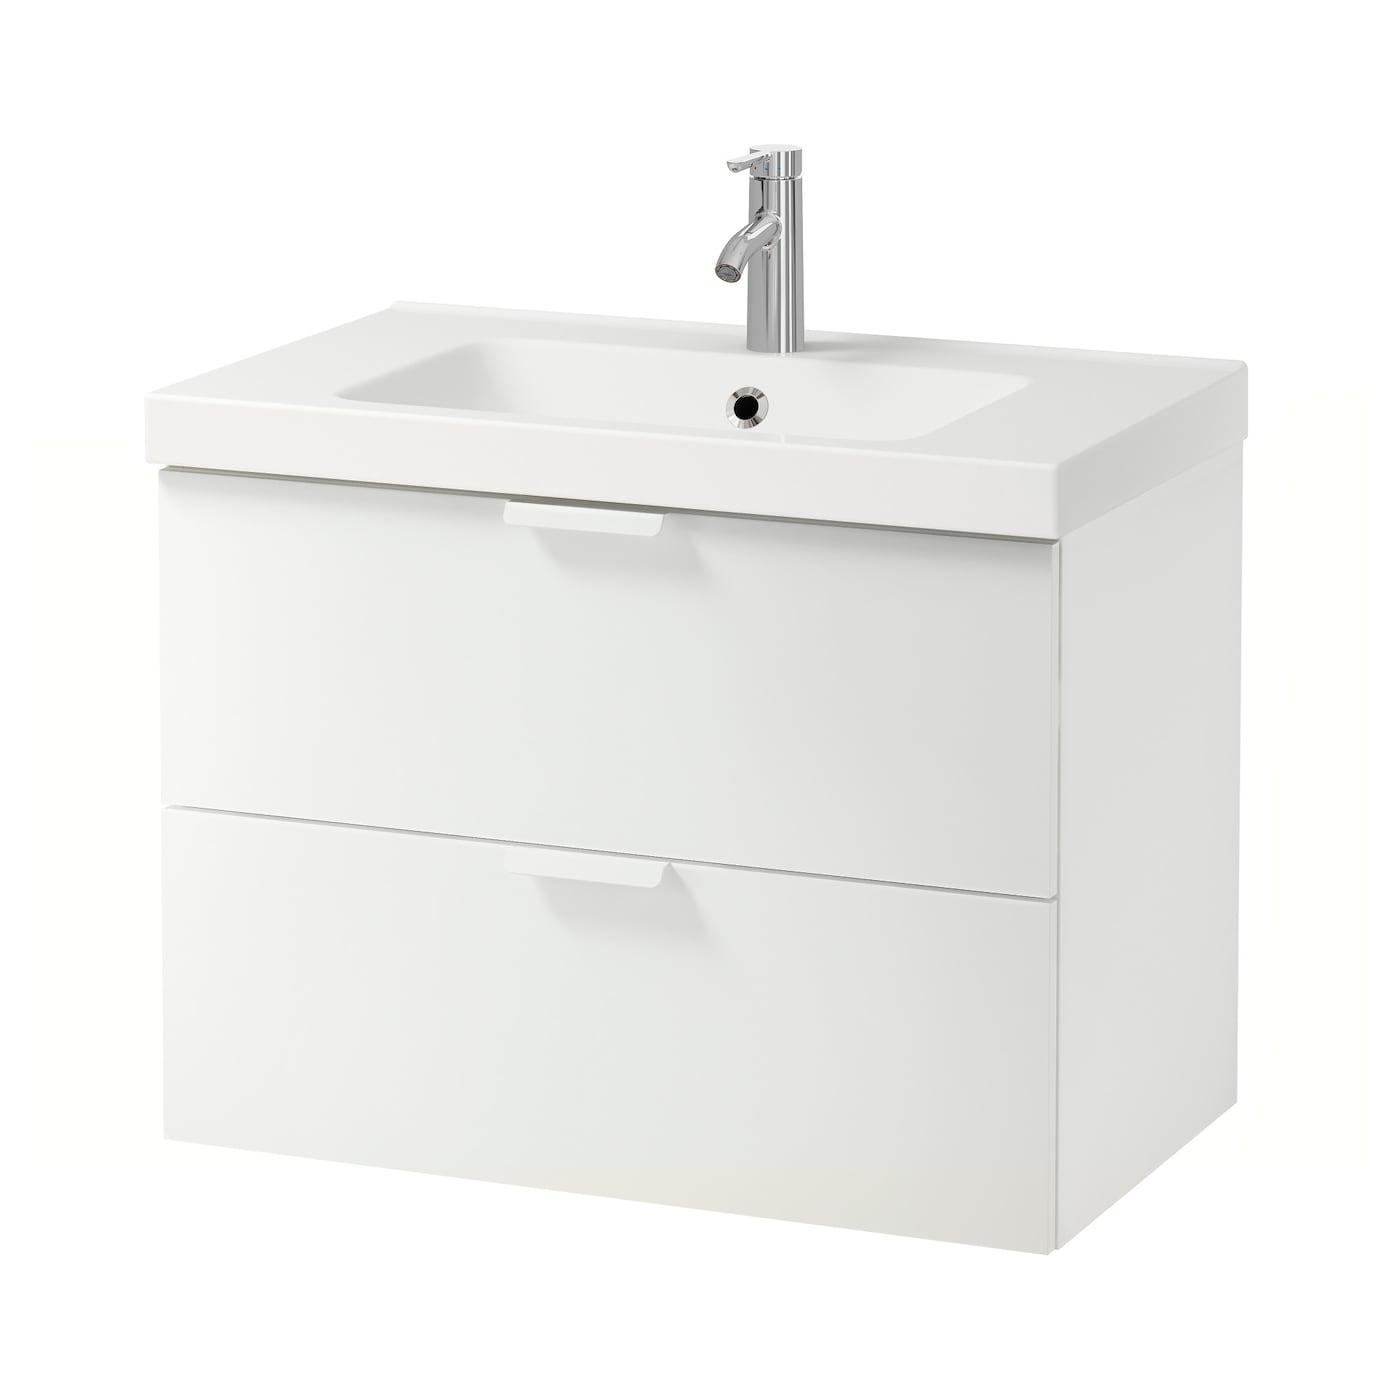 Odensvik godmorgon armario lavabo 2 cajones blanco 83 x 49 x 64 cm ikea - Armario lavabo ikea ...